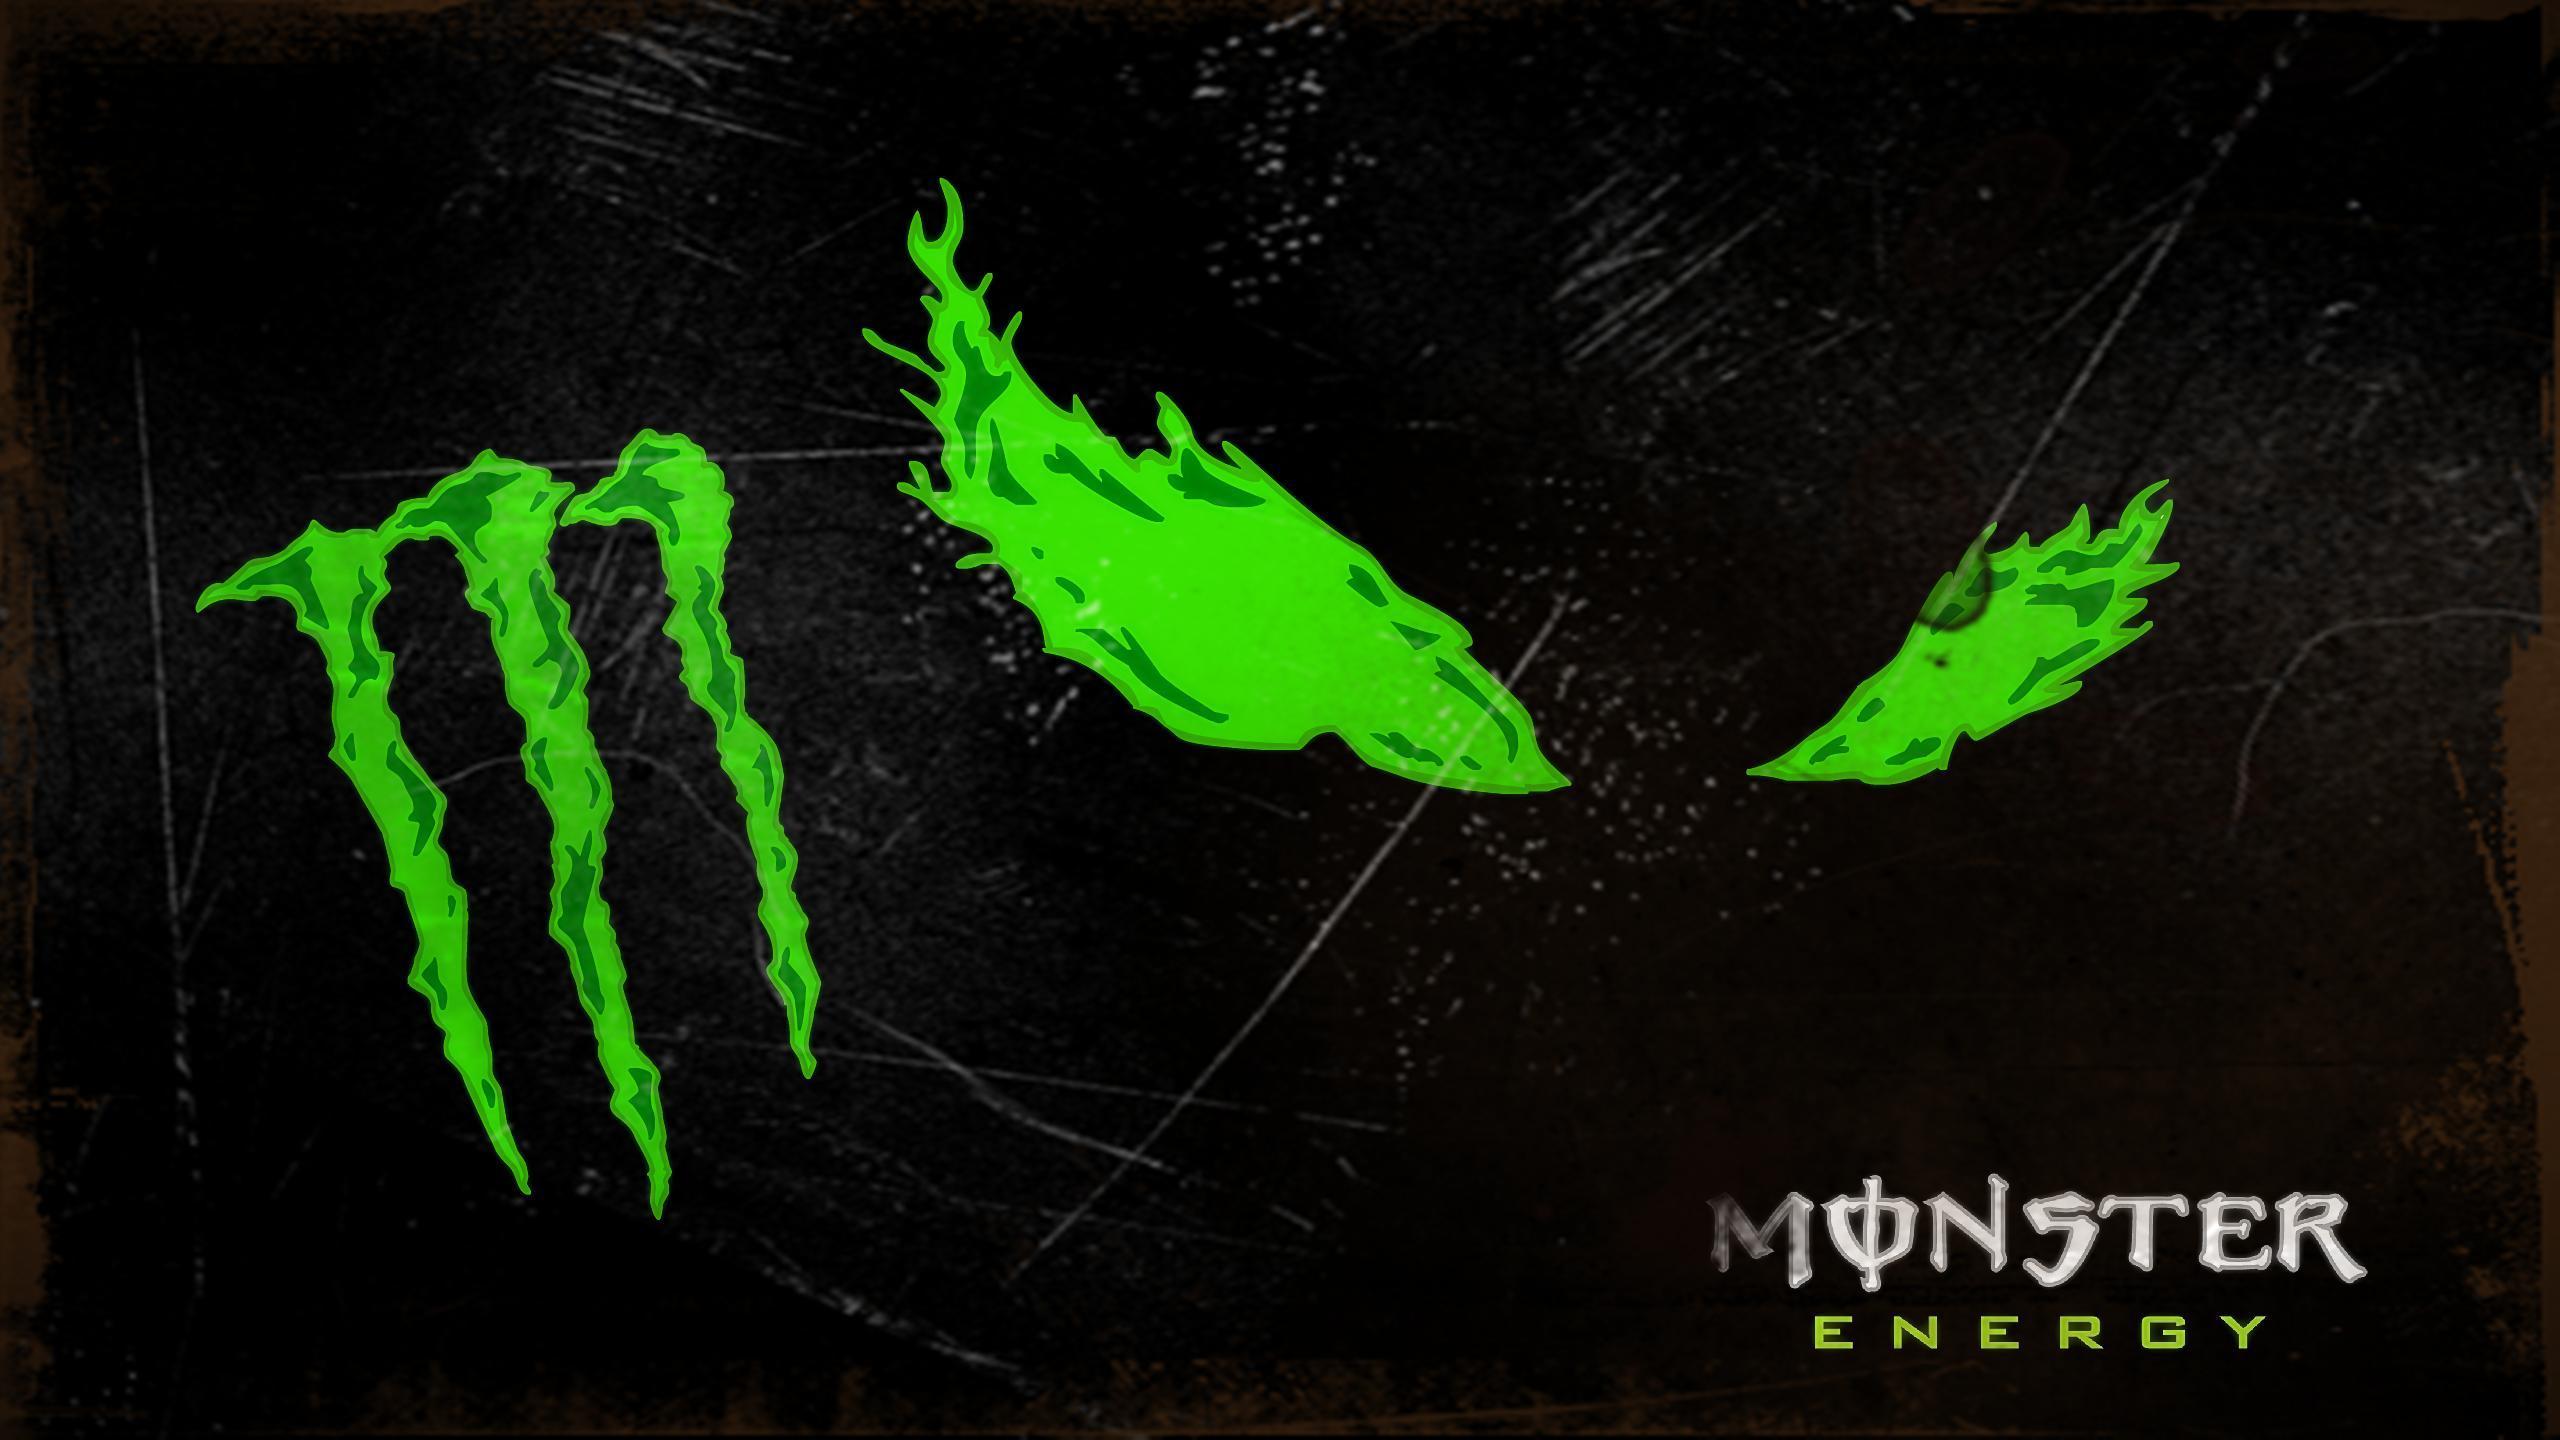 Monster Energy Logo Wallpapers 2560x1440